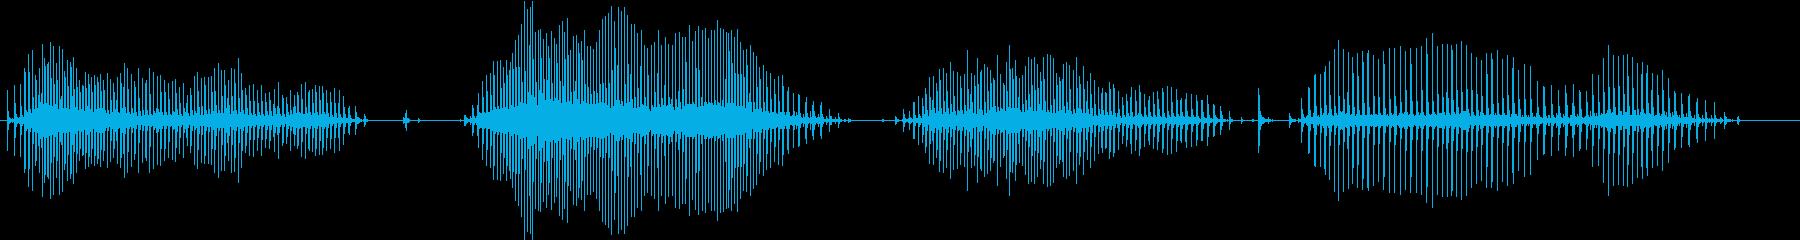 電動ハンドドリル:クラッチギアスピンの再生済みの波形